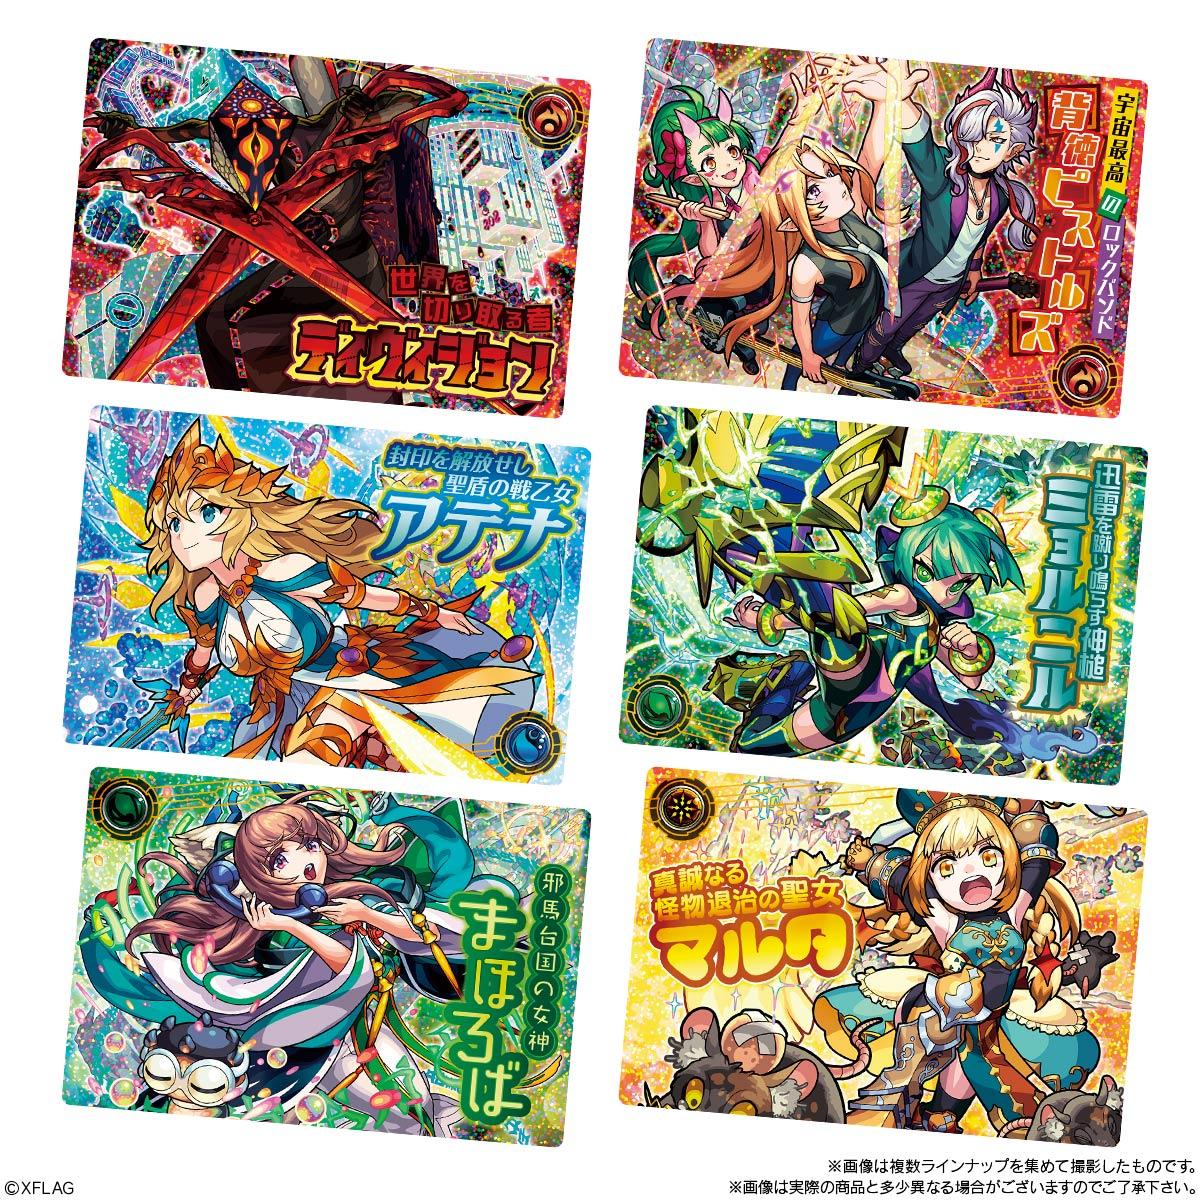 【食玩】モンスターストライク『モンストウエハースEX3』20個入りBOX-005